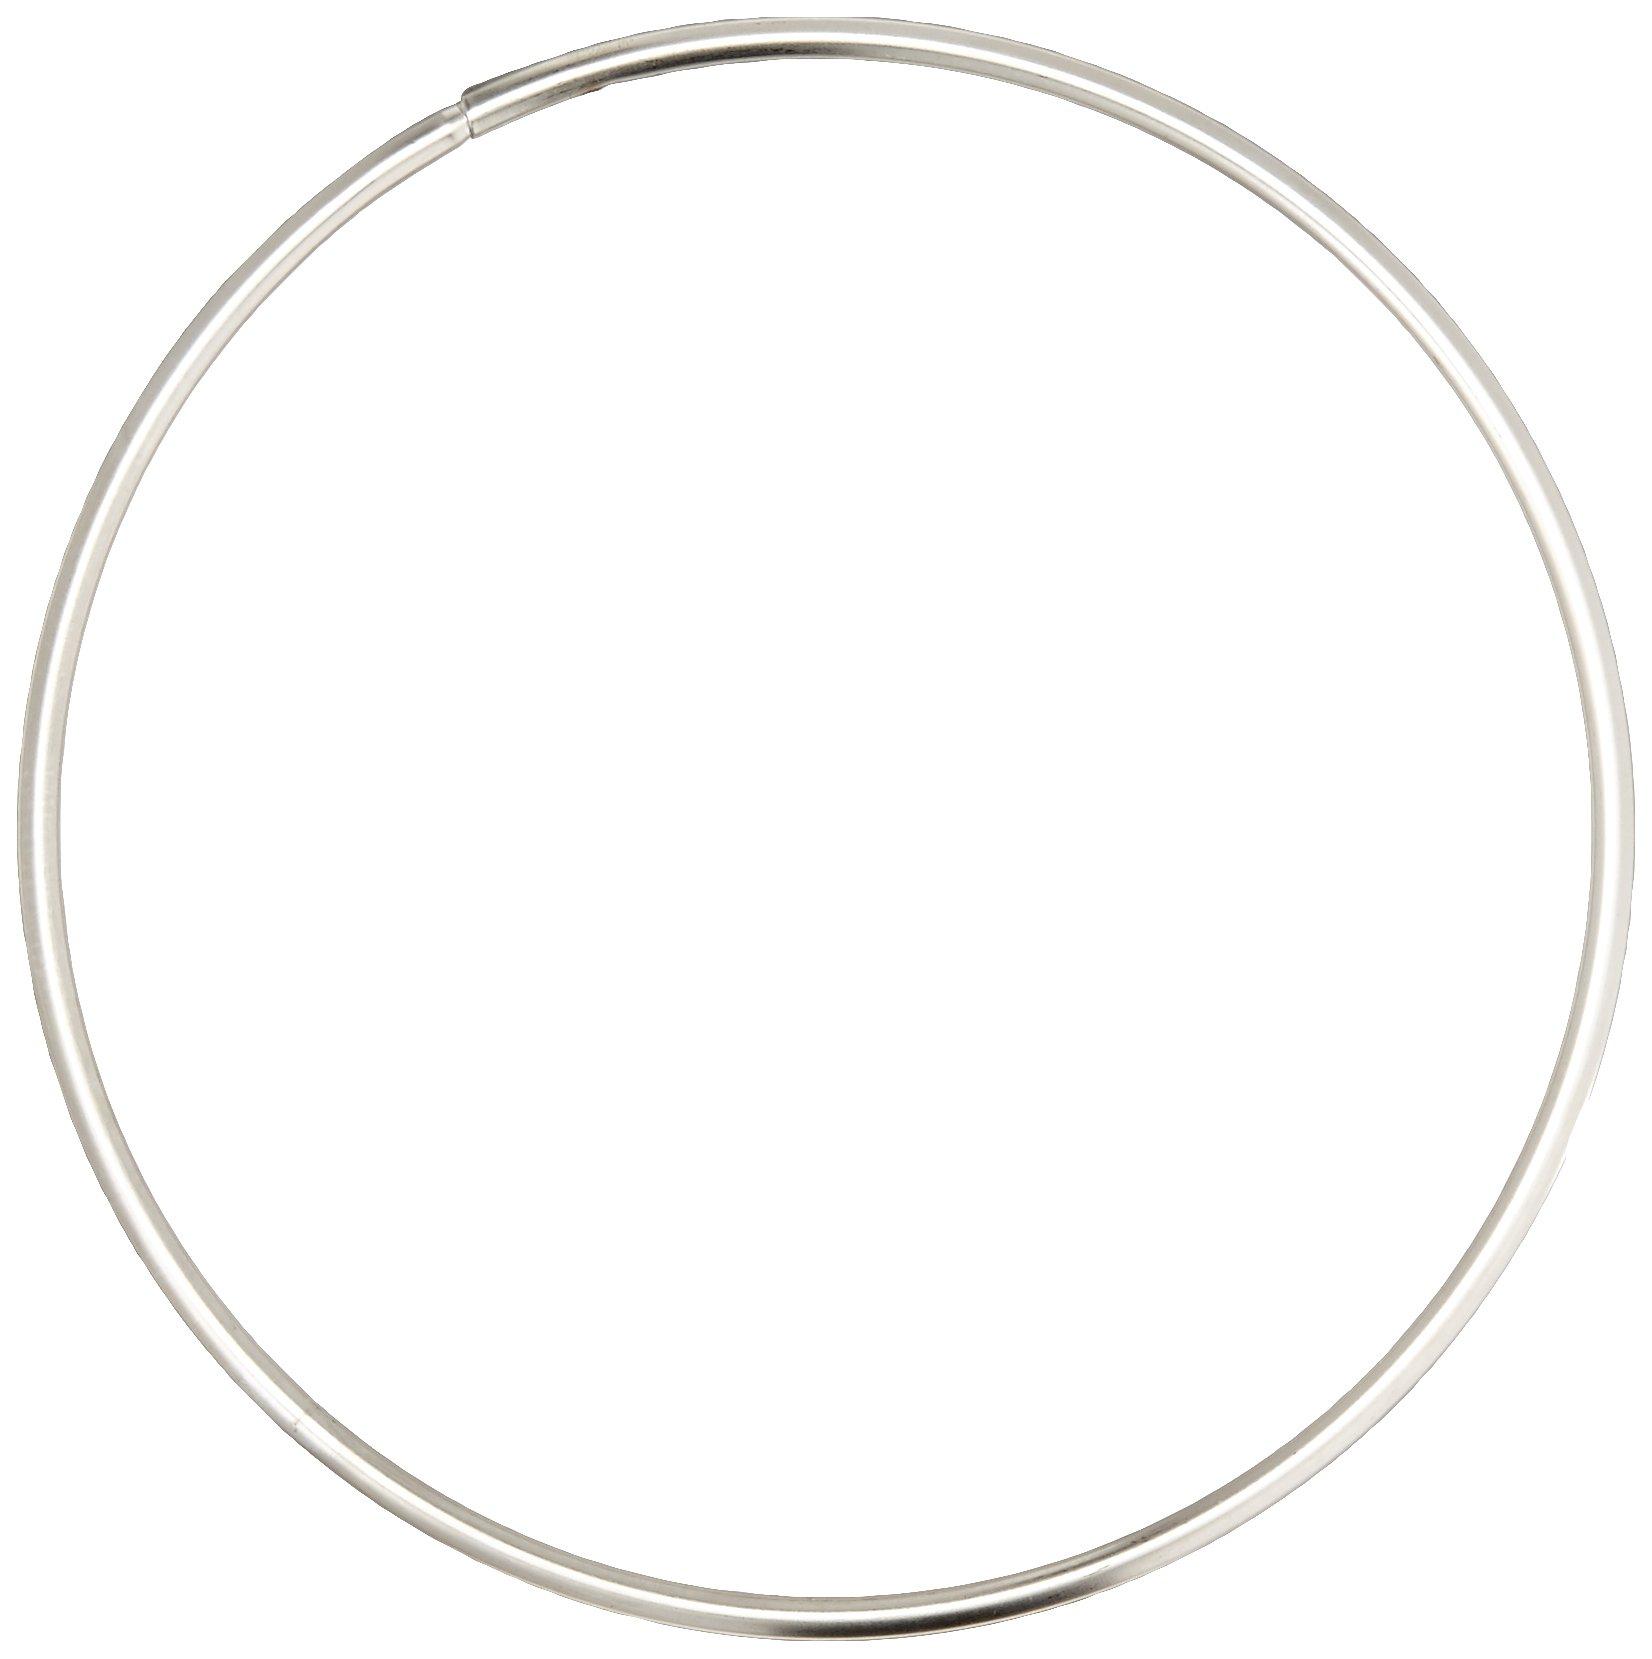 Matfer Bourgeat 371609 Plain Tart Ring, Silver by Matfer Bourgeat (Image #2)